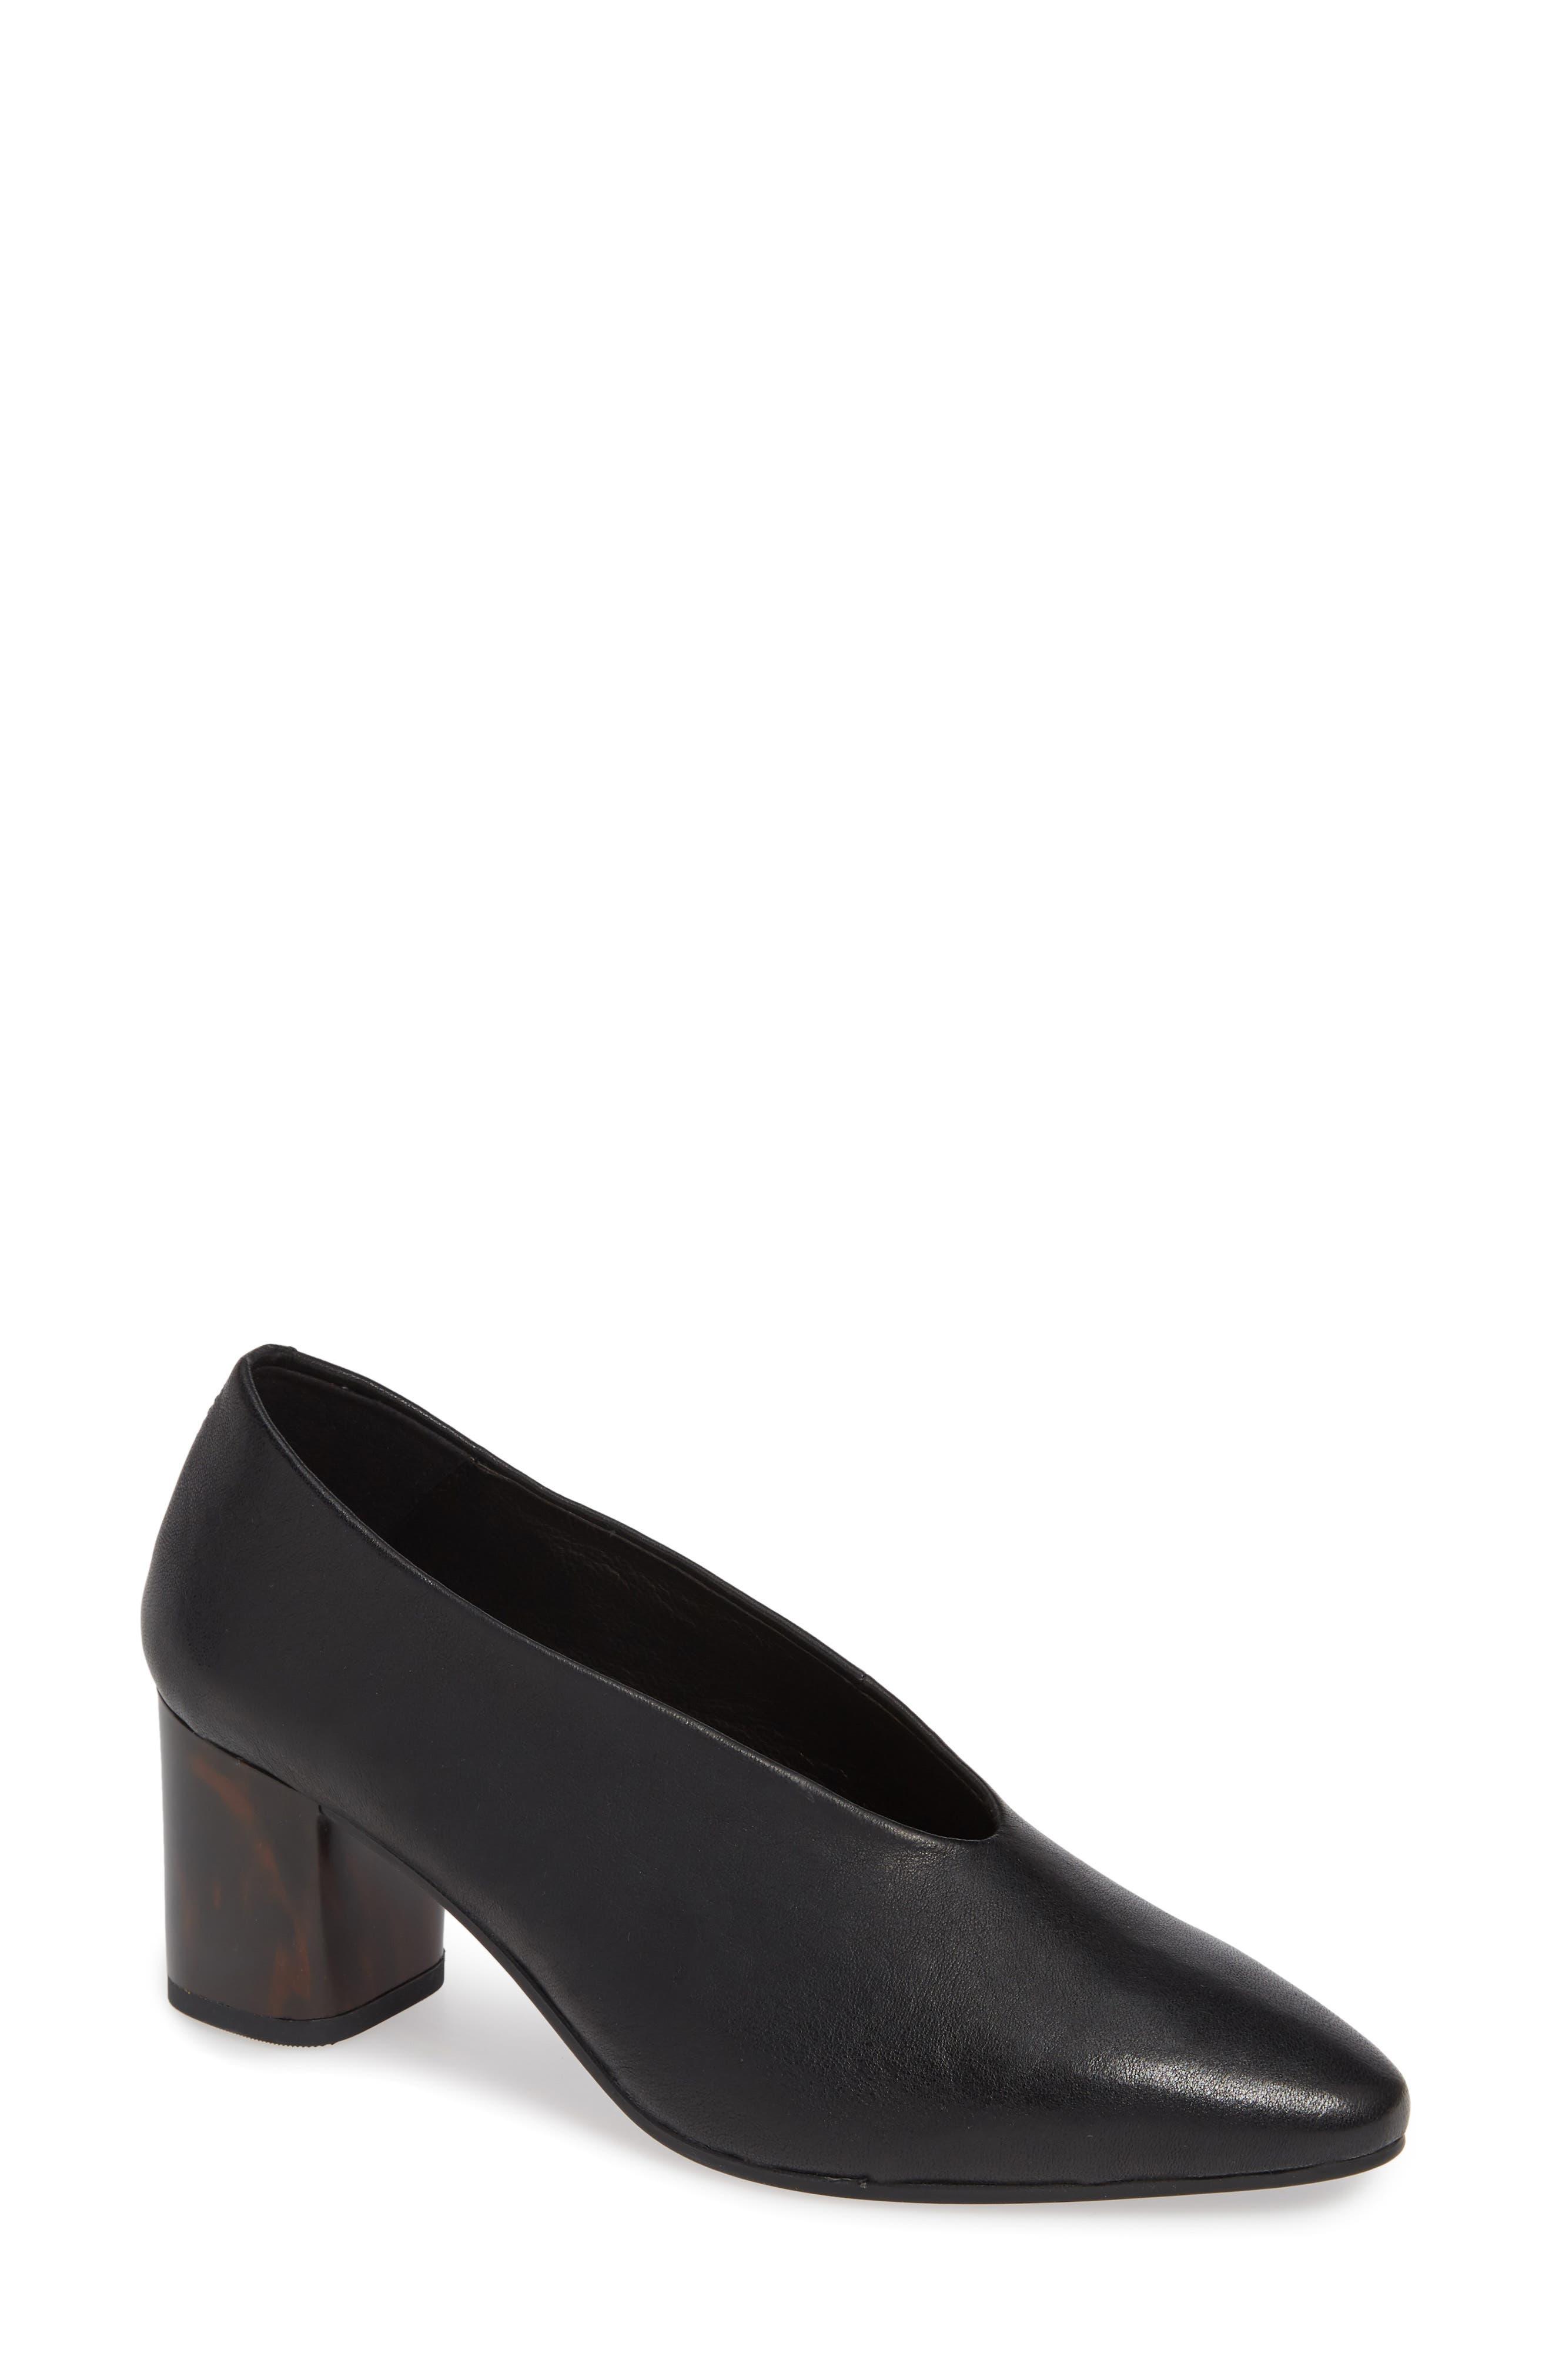 VAGABOND, Shoemakers Eve Pump, Main thumbnail 1, color, BLACK/ BLACK LEATHER